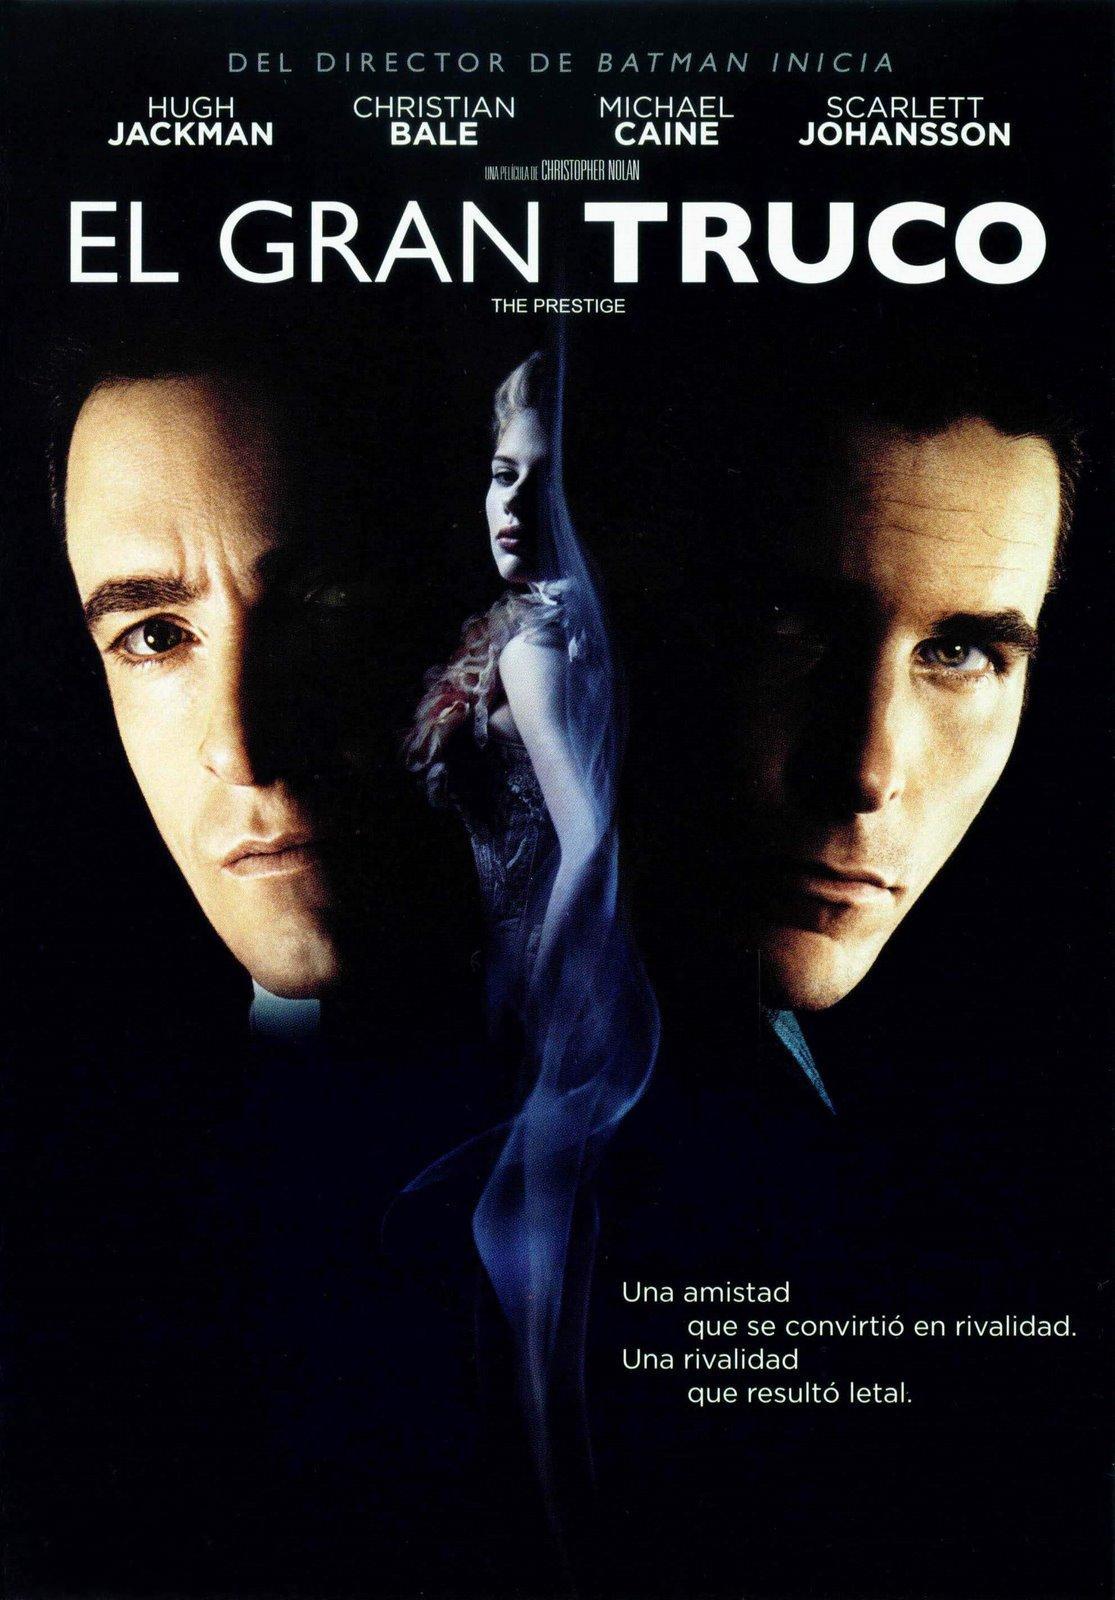 دانلود فیلم The Prestige 2006 دوبله فارسی - پرستیژ ( حیثیت )